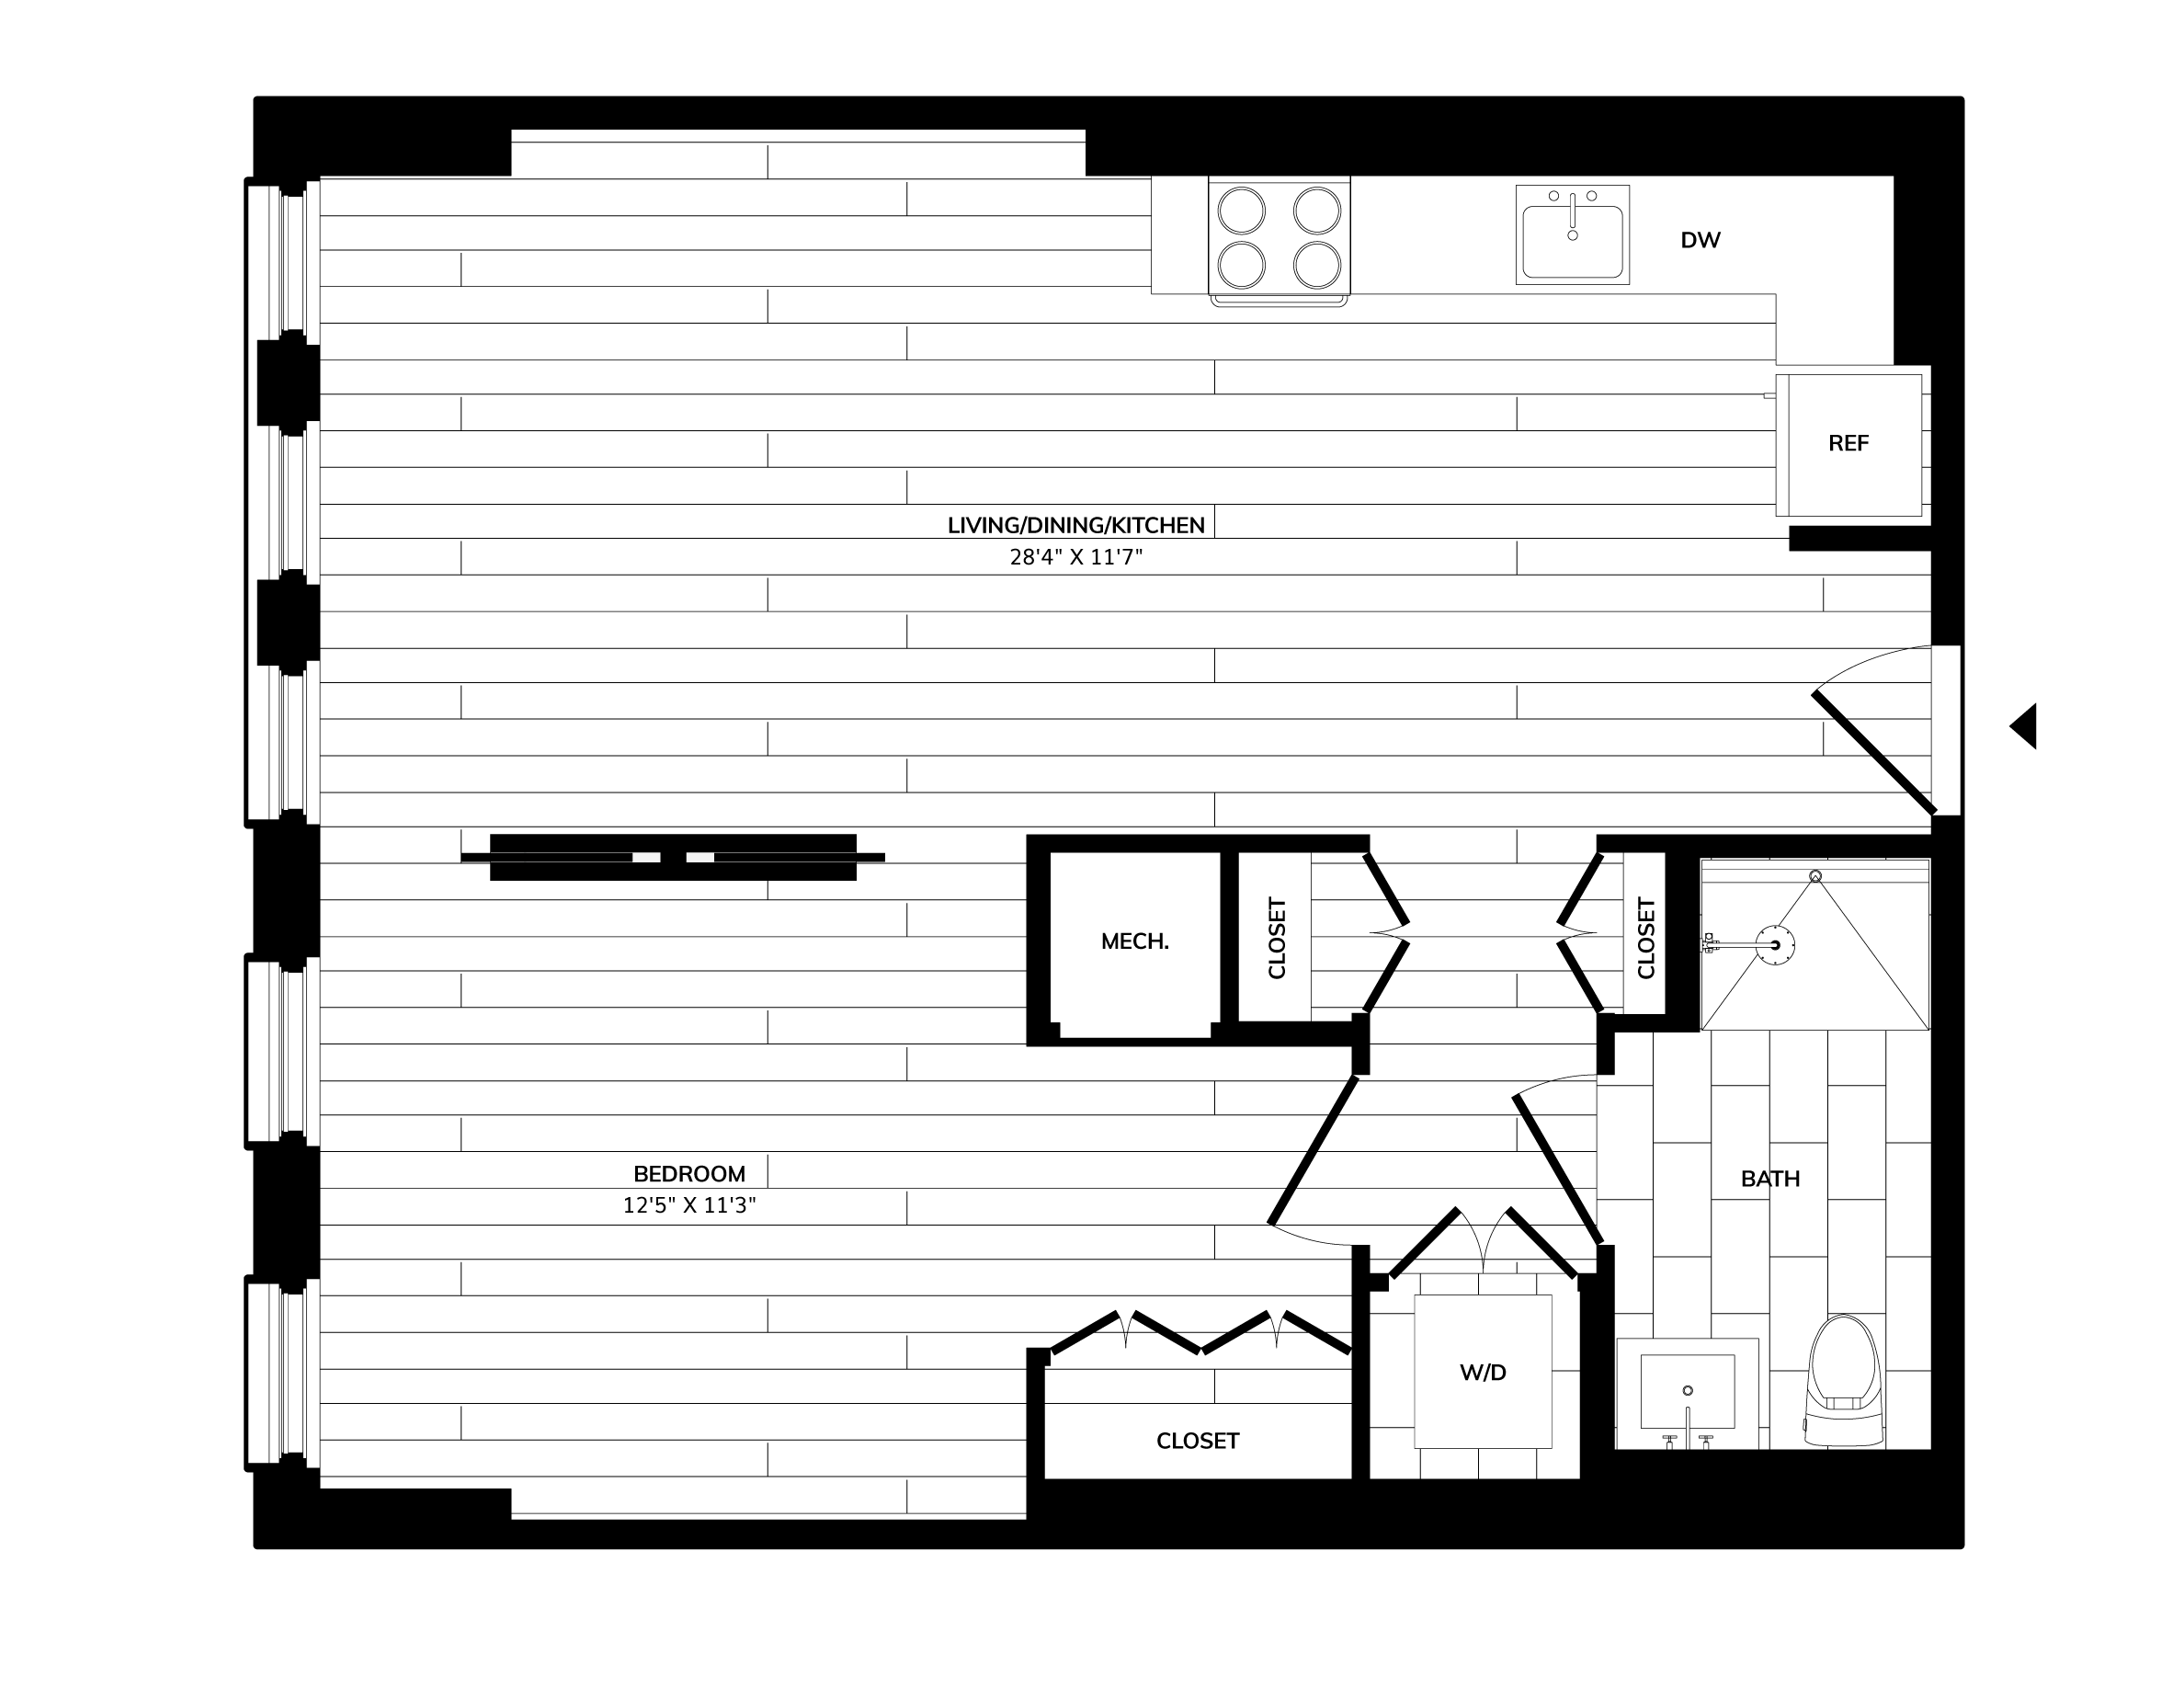 Floorplan image of unit 1105